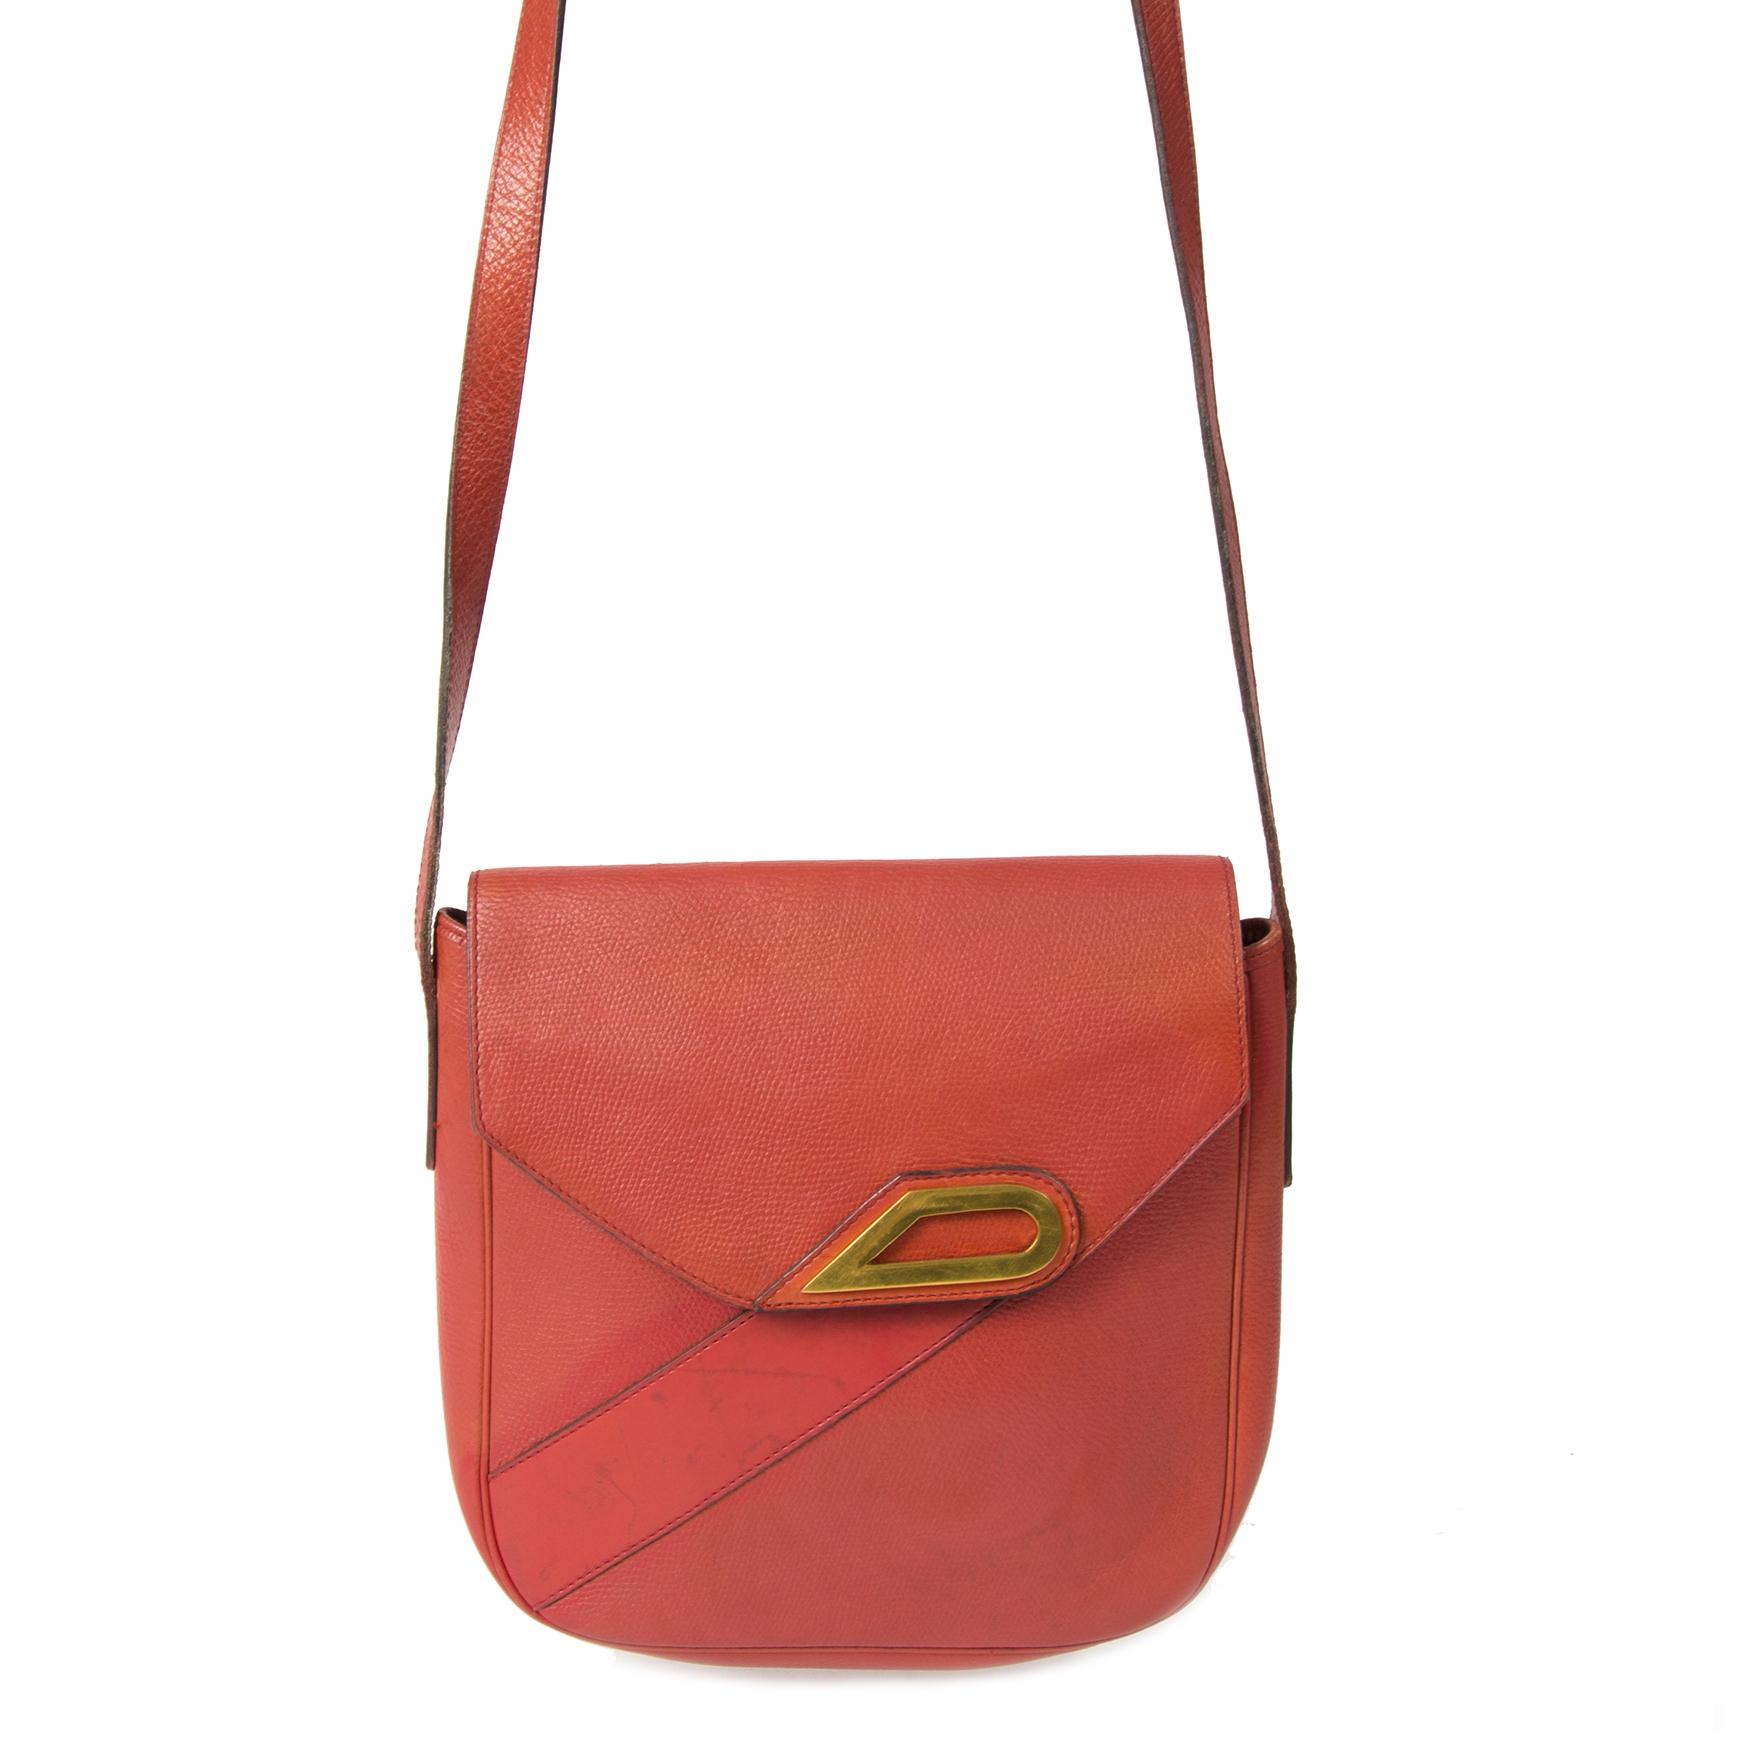 Authentieke tweedehands Delvaux Coral Crossbody Bag juiste prijs veilig online winkelen LabelLOV webshop luxe merken winkelen Antwerpen België mode fashion